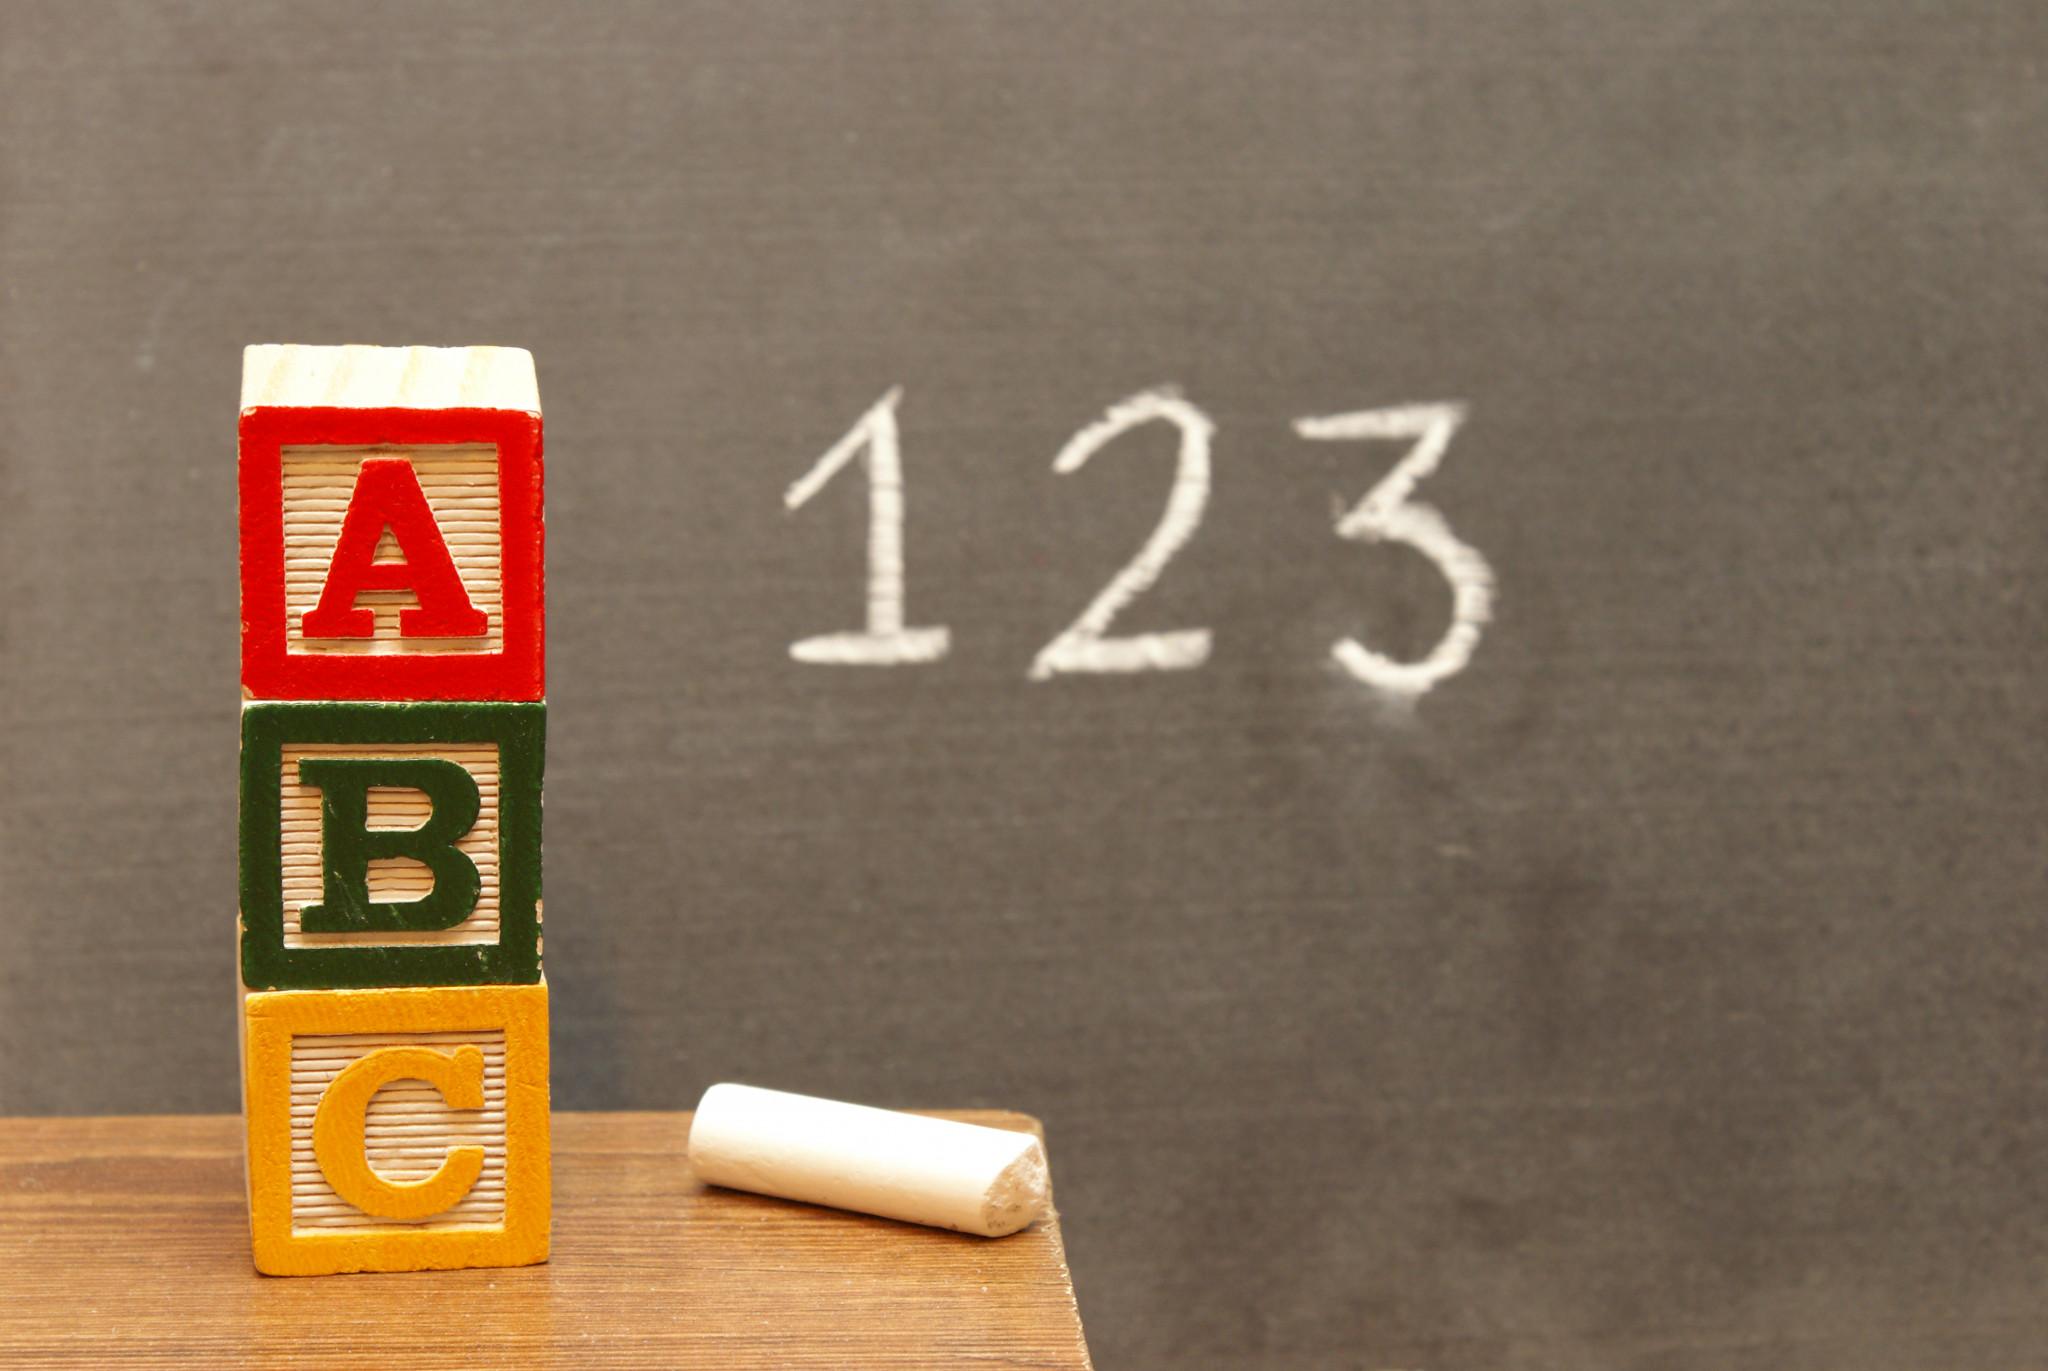 Alfabetiska block och siffror skriva på tavla för att illustra grundläggande kunskaper.